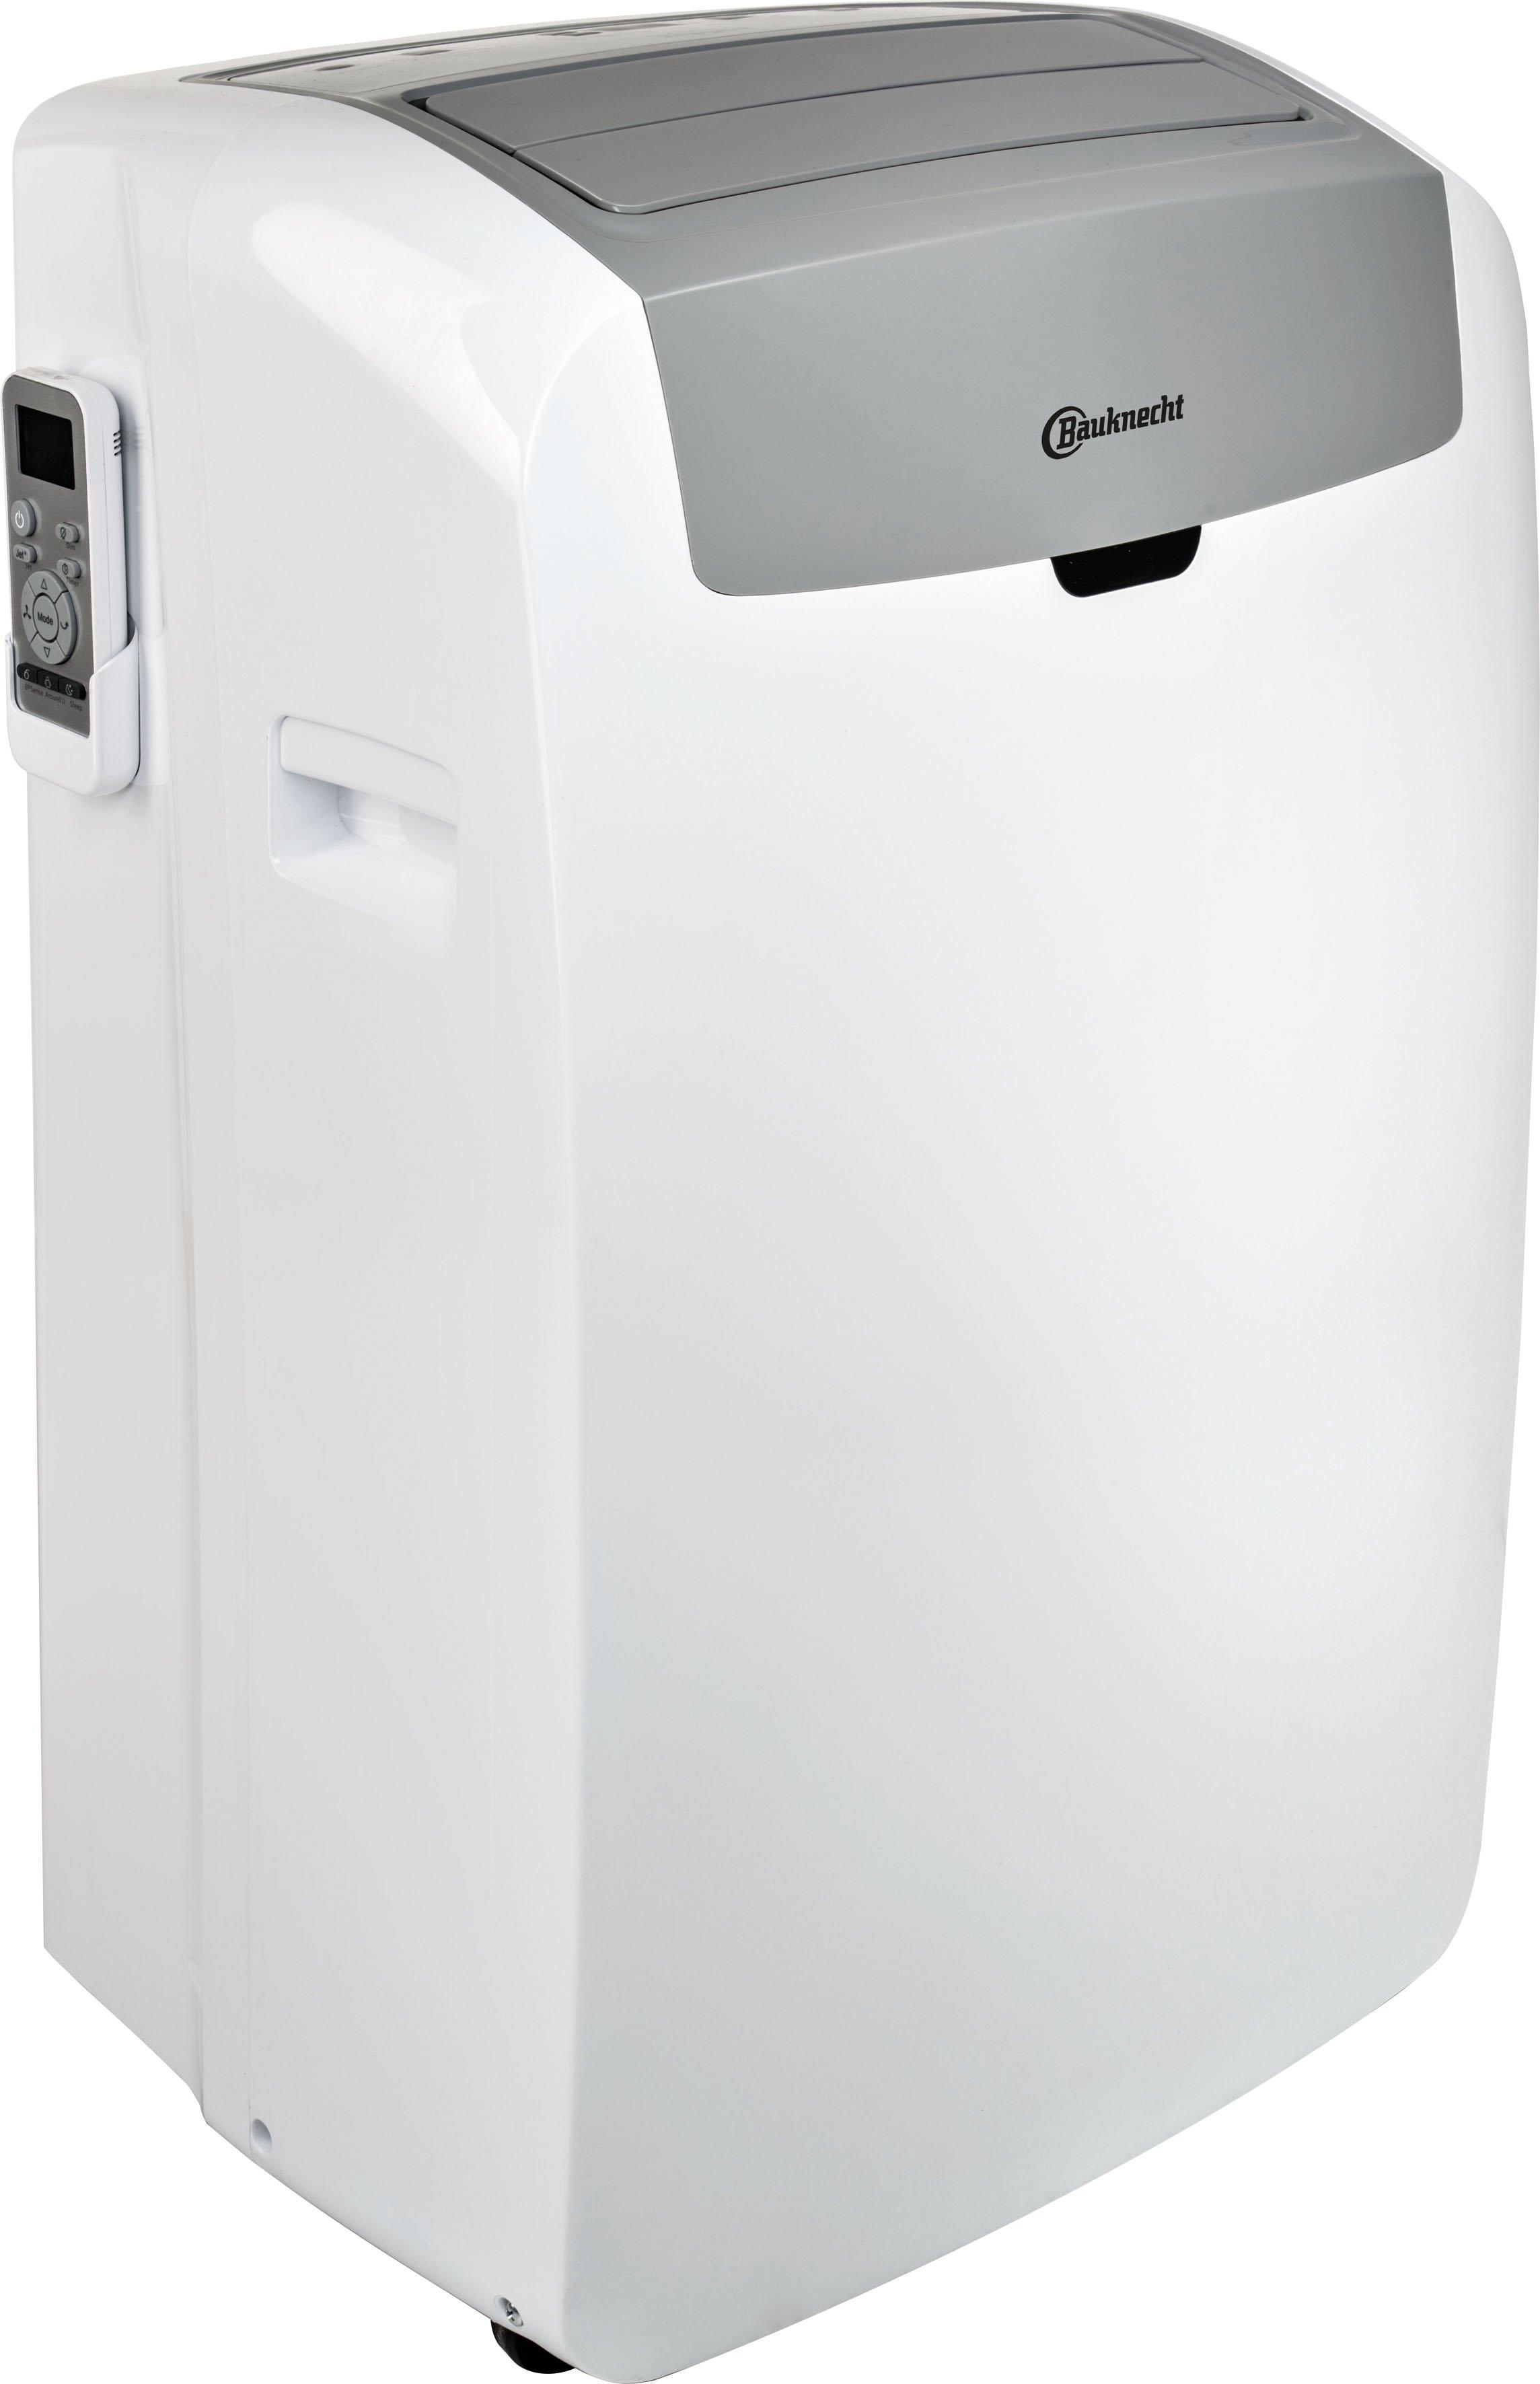 BAUKNECHT airco PACW29HP BK Koelen en verwarmen nu online kopen bij OTTO